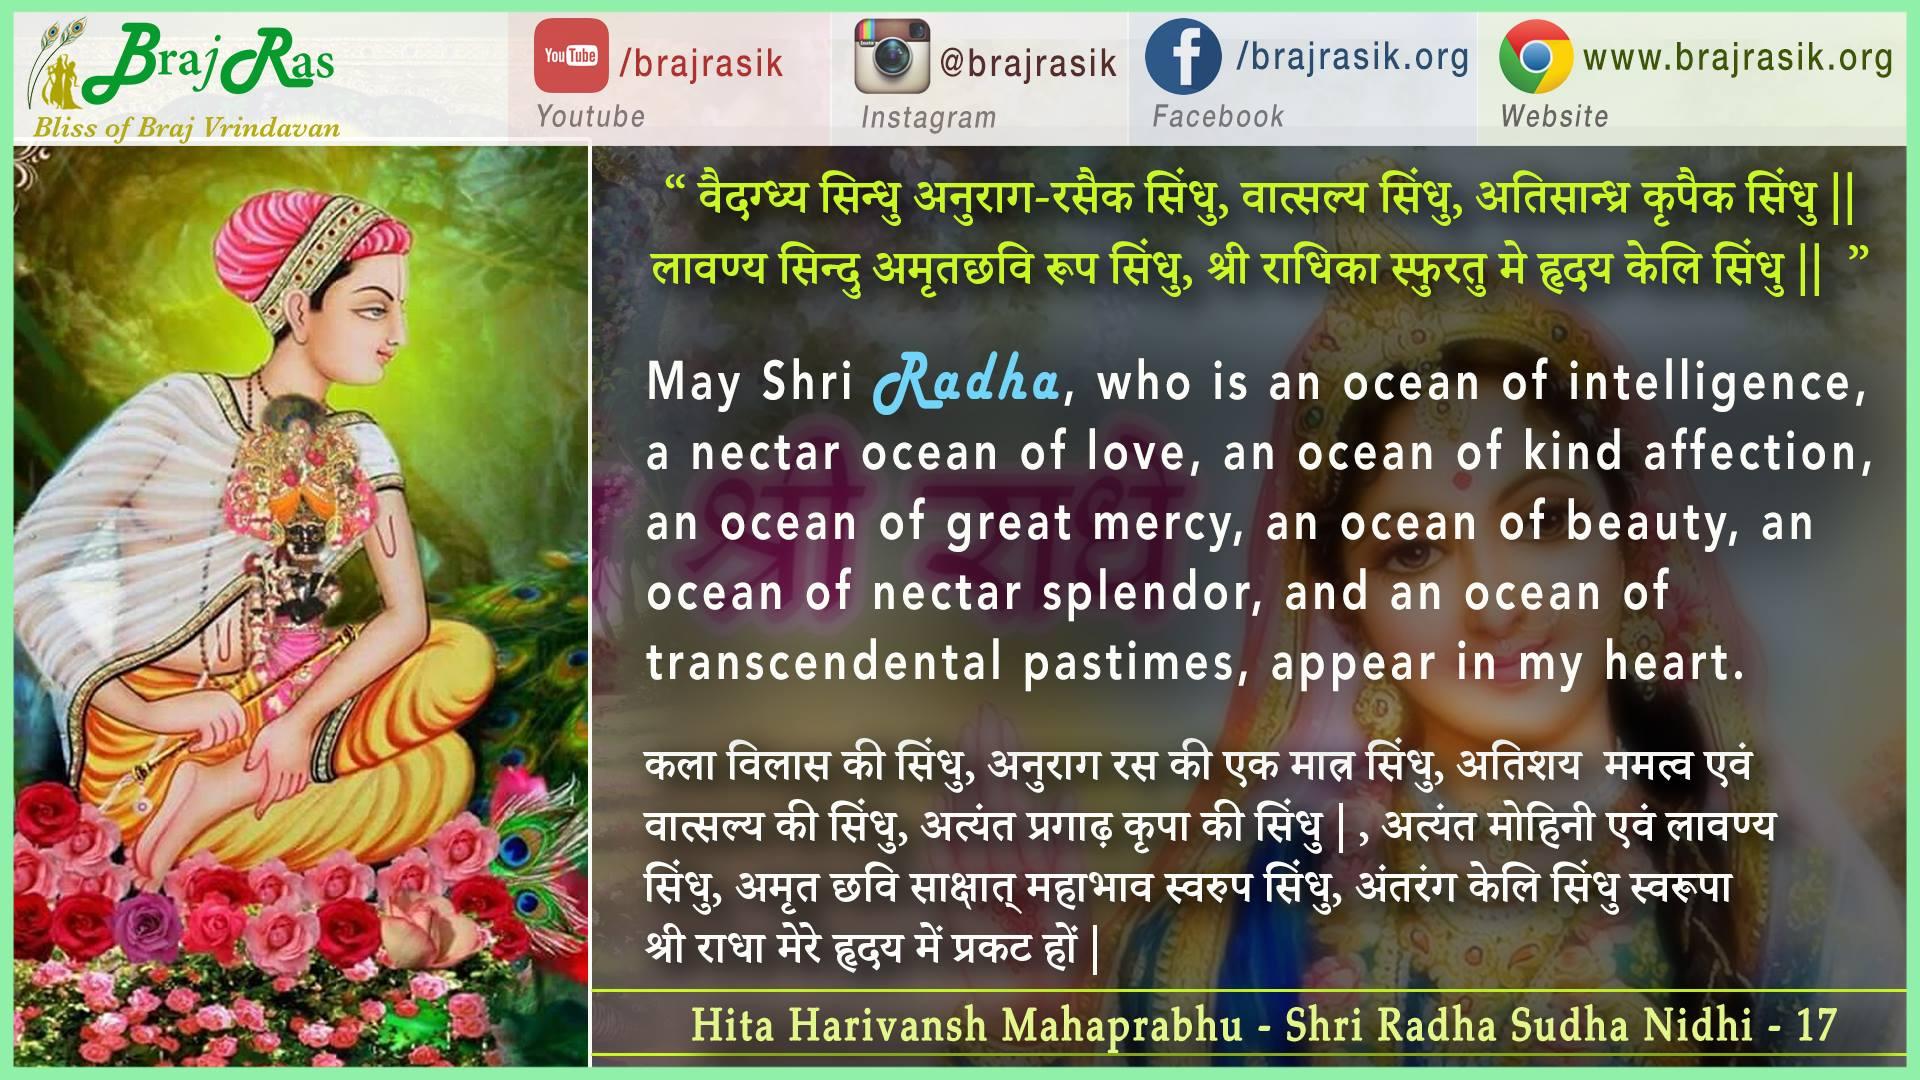 vaidagdhya sindhu anuraga-rasaika-sindhu - Hita Harivansh Mahaprabhu - Shri Radha Sudha Nidhi (17)